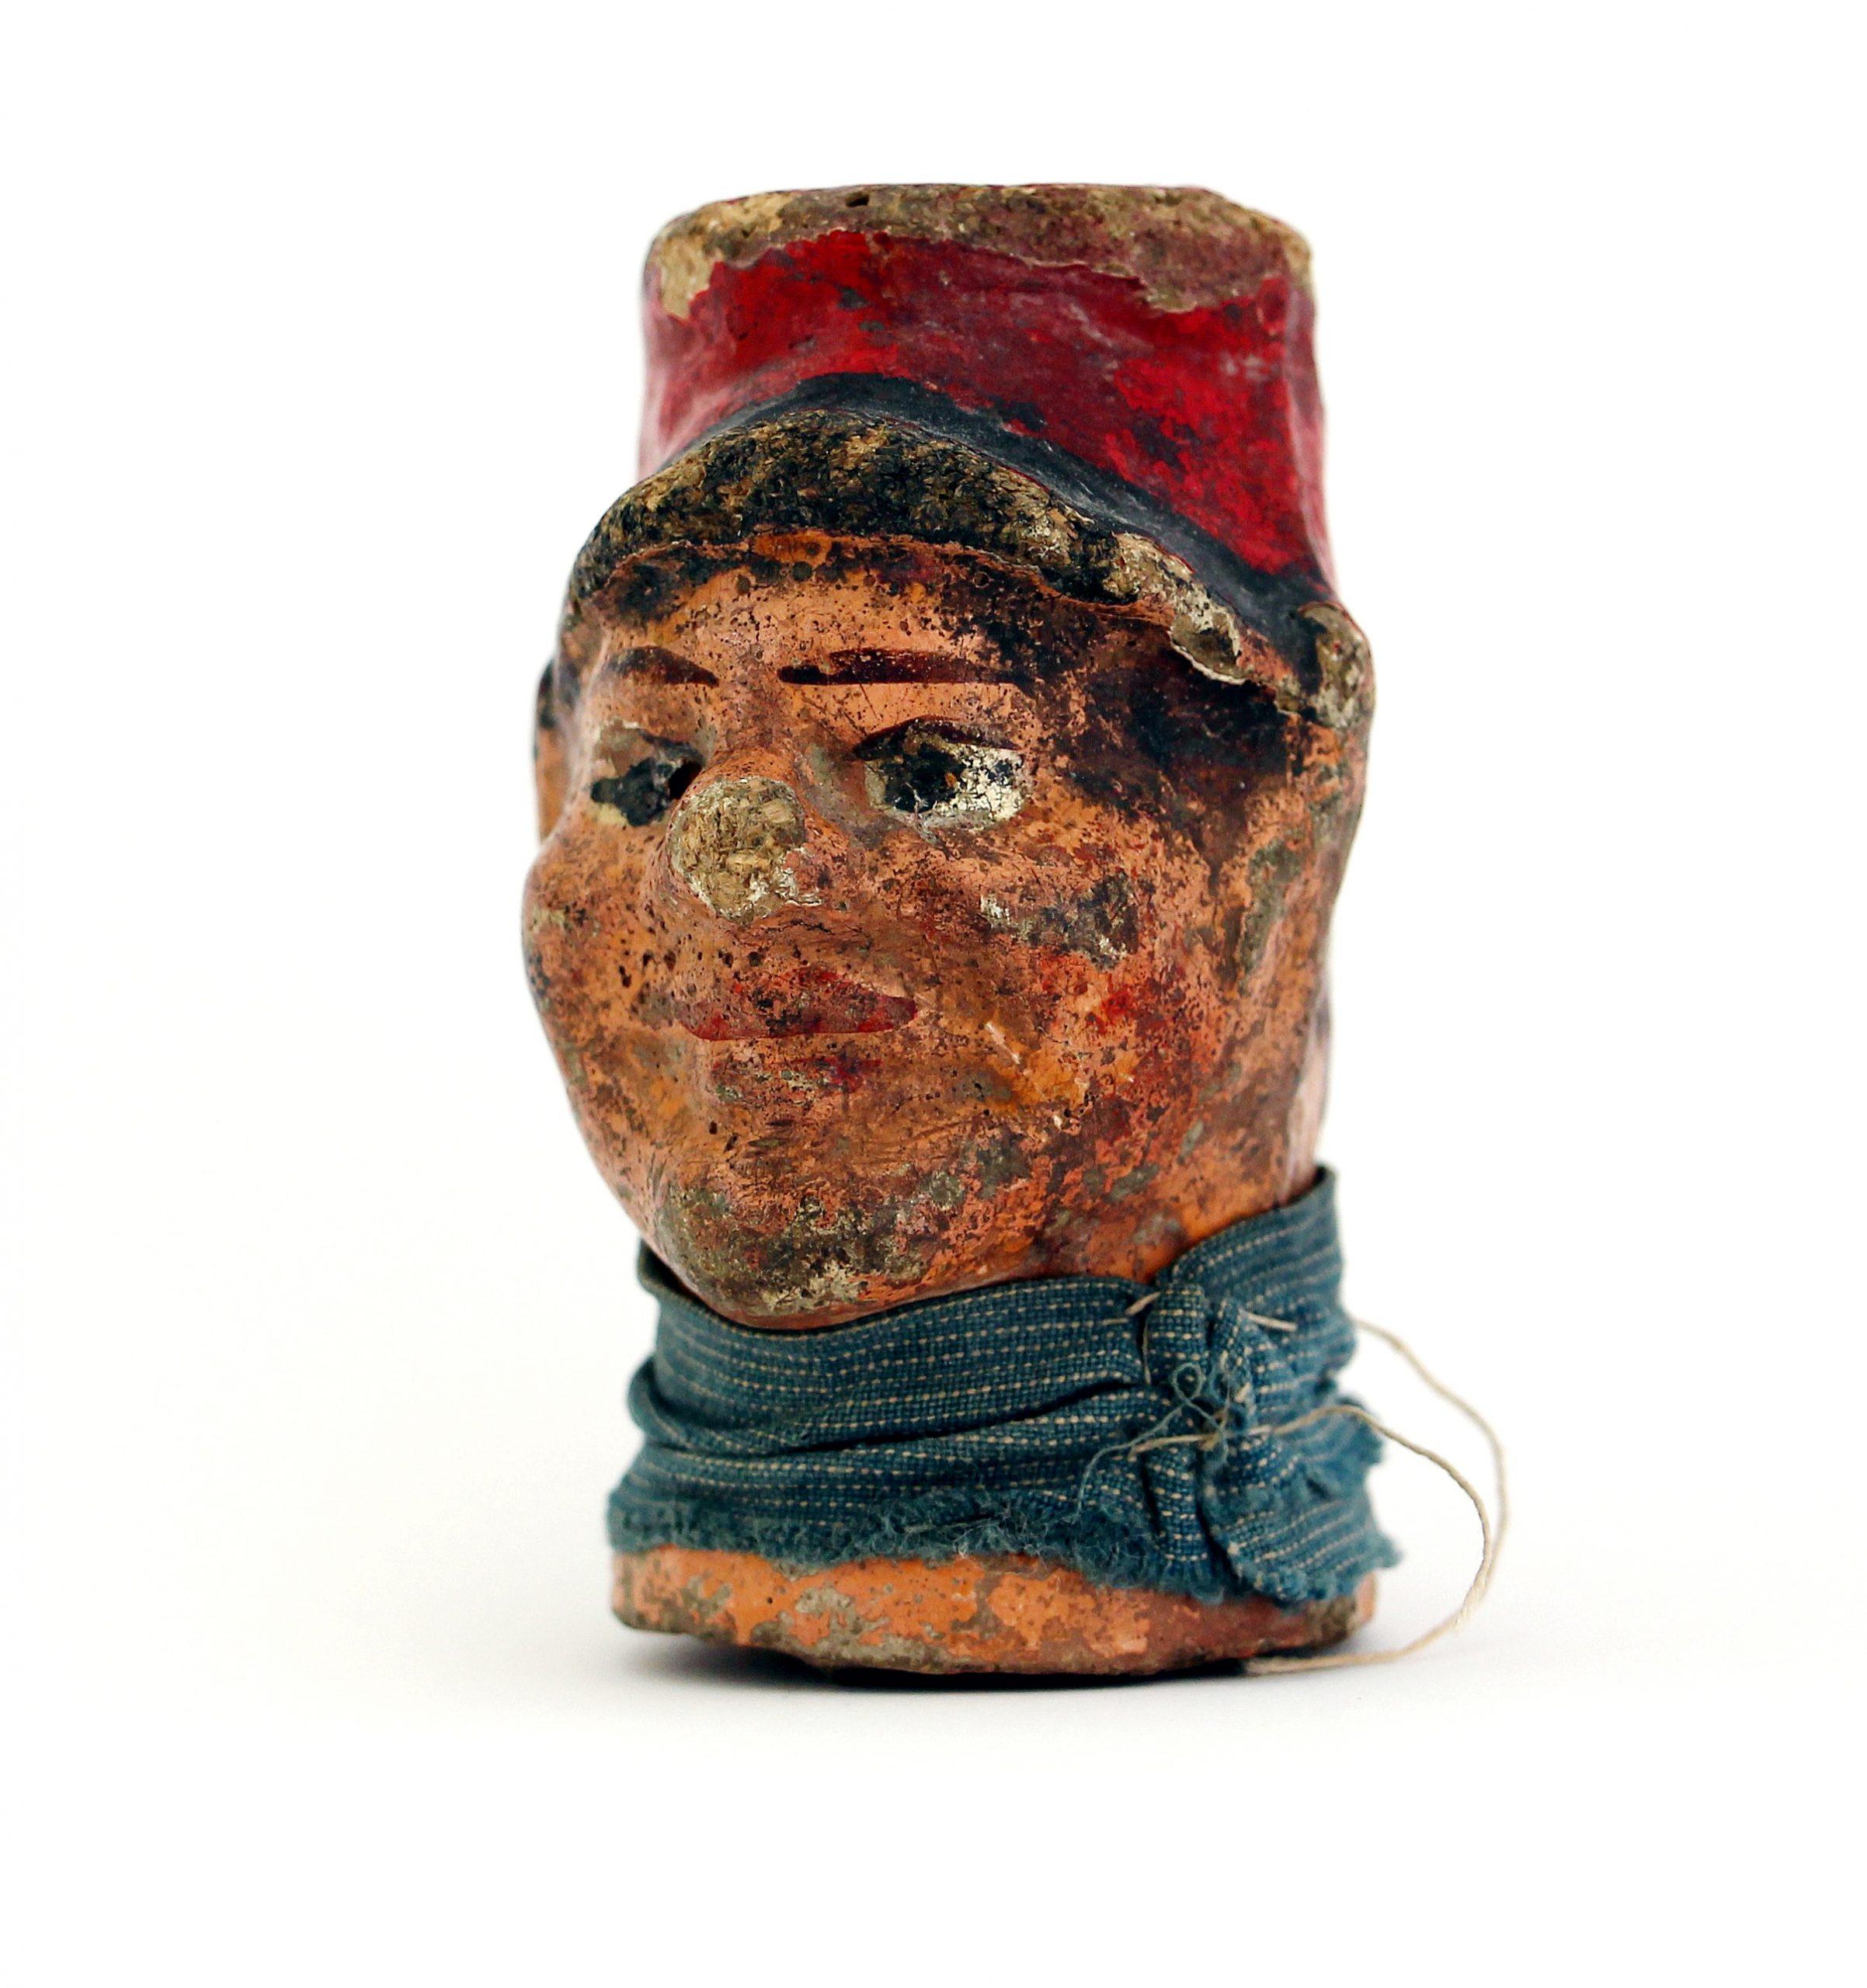 Tête de Poilu - Jouet - Guerre 14/18 - Marionnette enfant - Tranchée - Fin XIX Début XX.